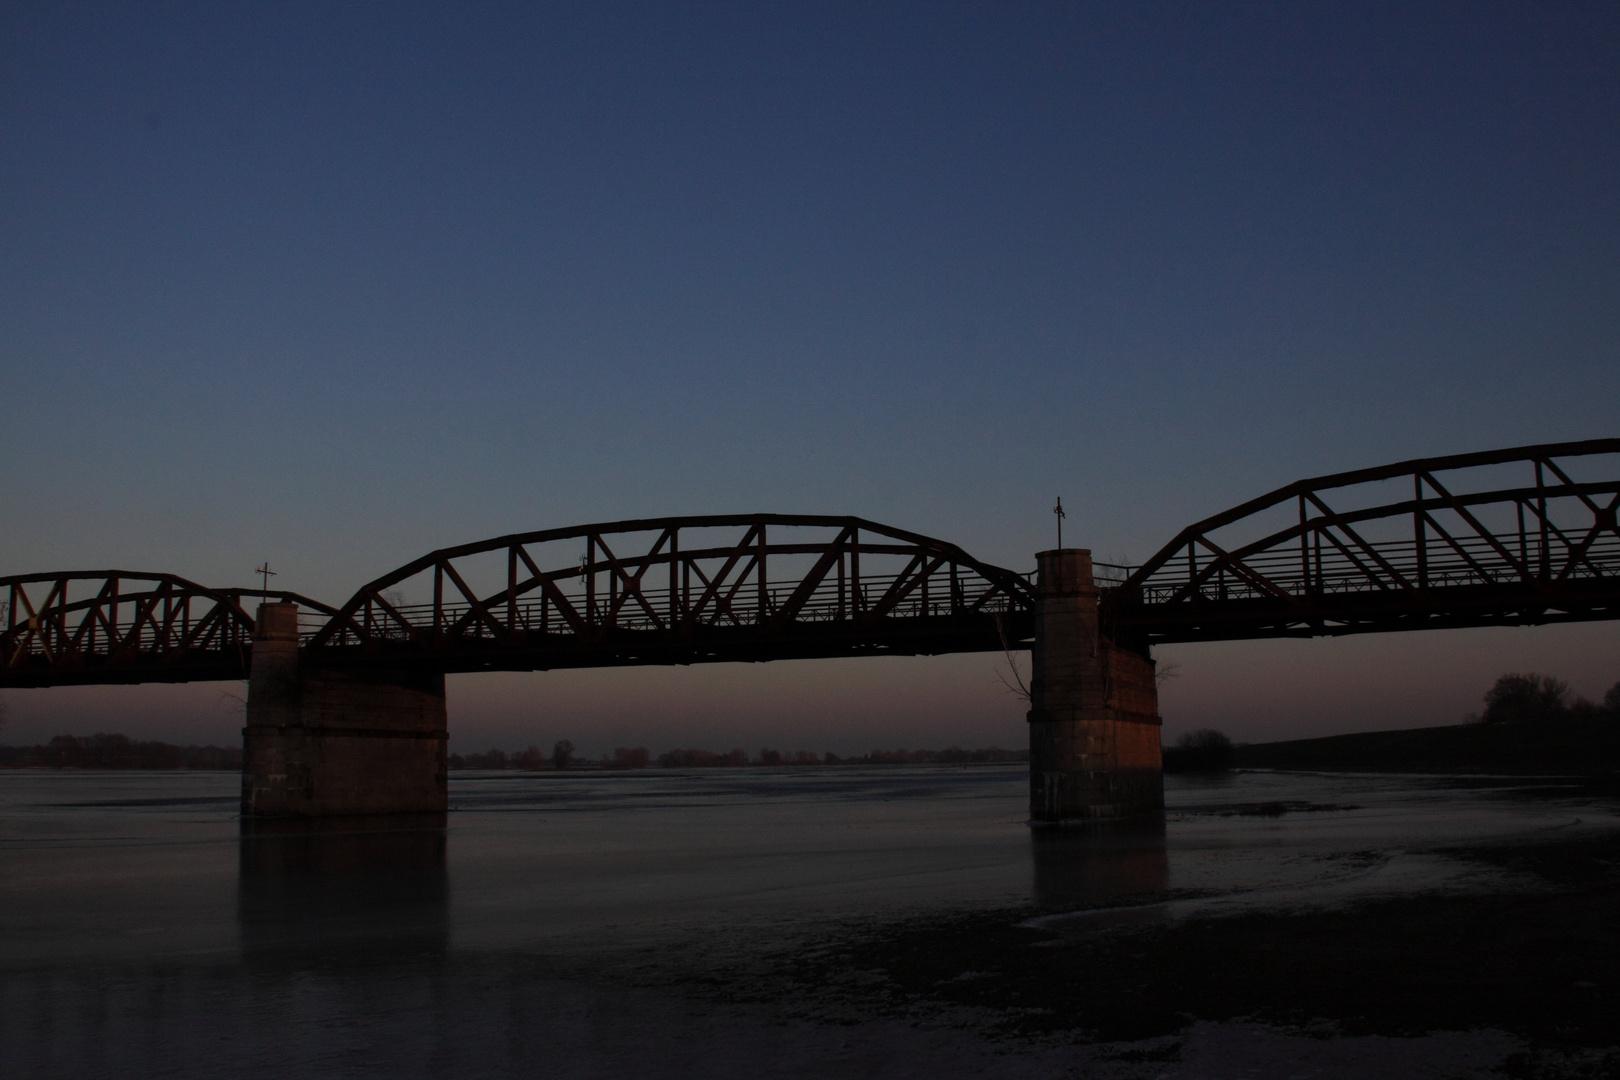 Die historische Eisenbahnbrücke zwischen Dannenberg und Dömitz